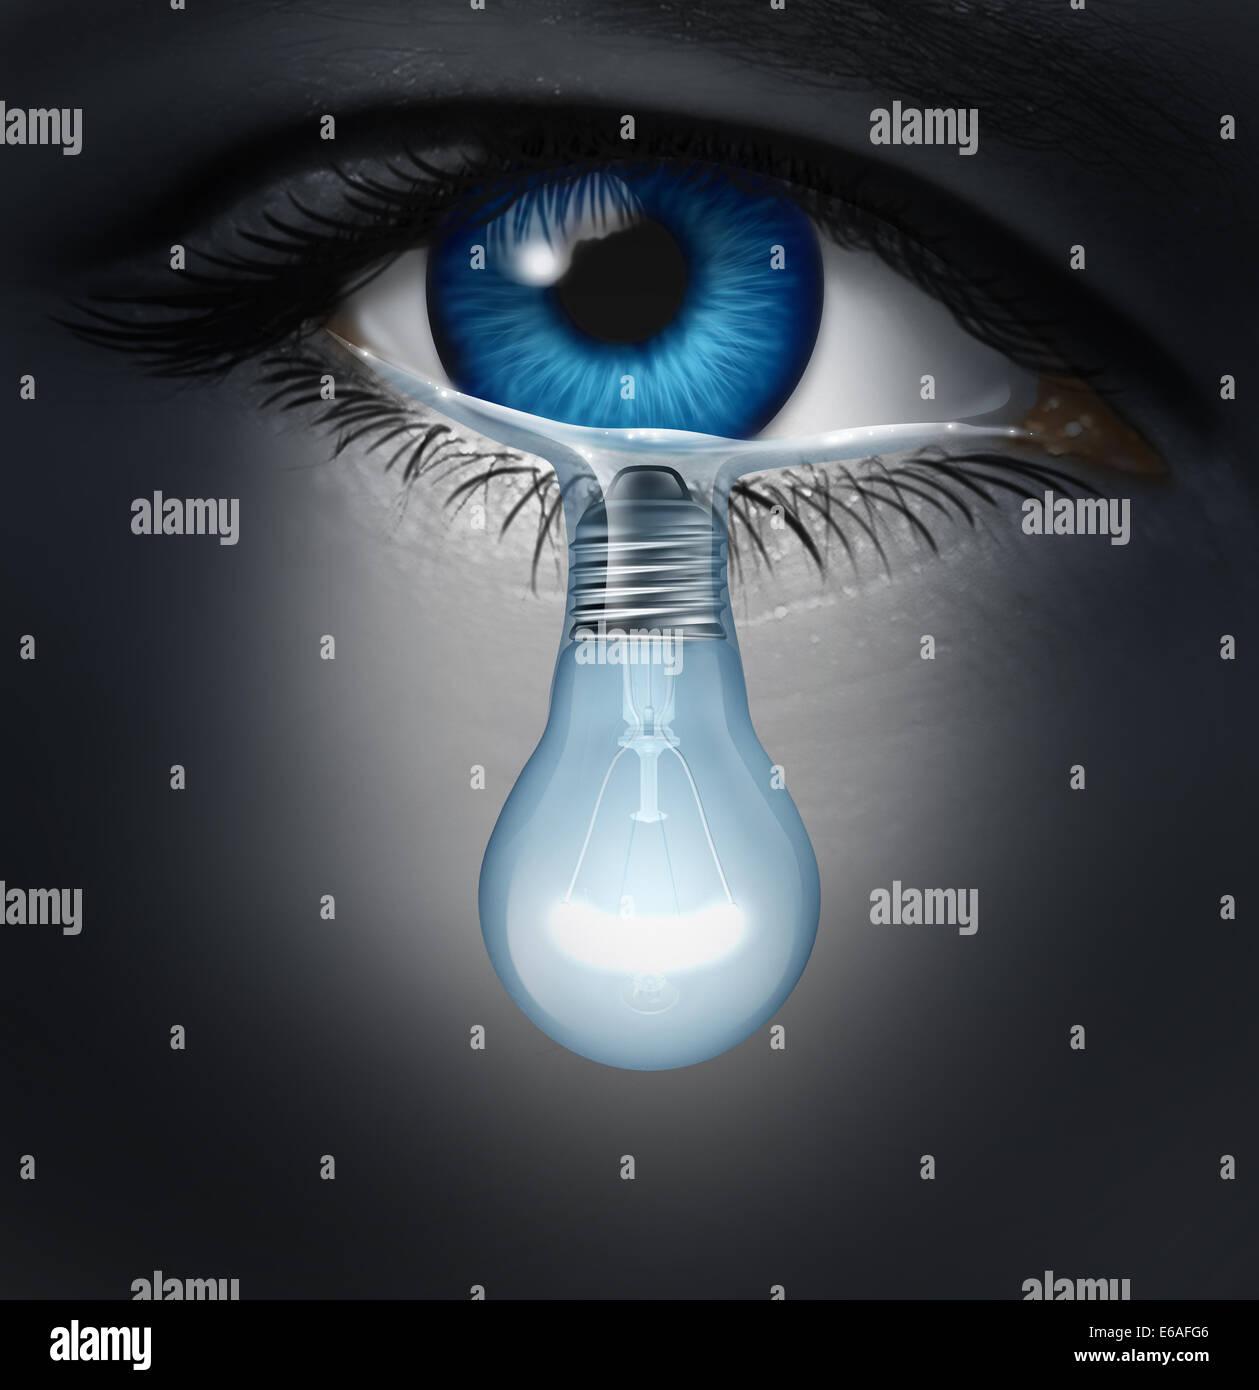 Depression Therapiekonzept als depressiv menschlichen Auge eine Träne Weinen geformt wie eine Glühbirne Stockbild